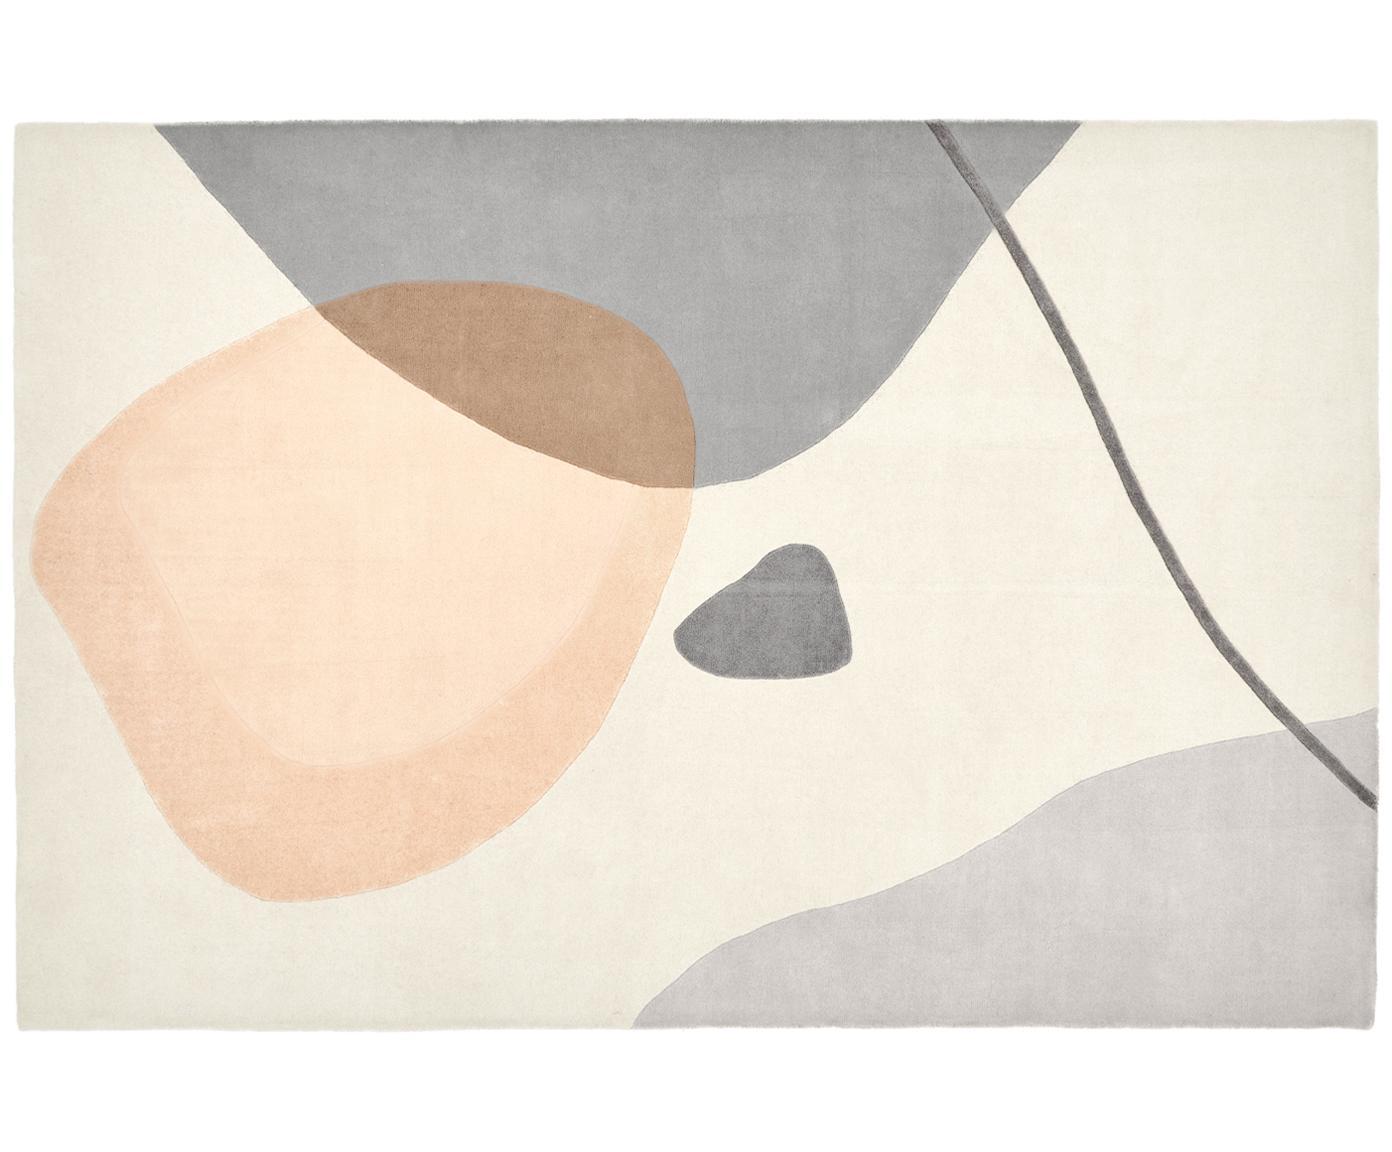 Handgetuft wollen vloerkleed Luke, Bovenzijde: wol, Onderzijde: katoen, Beige, grijs, abrikooskleurig, B 120 x L 180 cm (maat S)